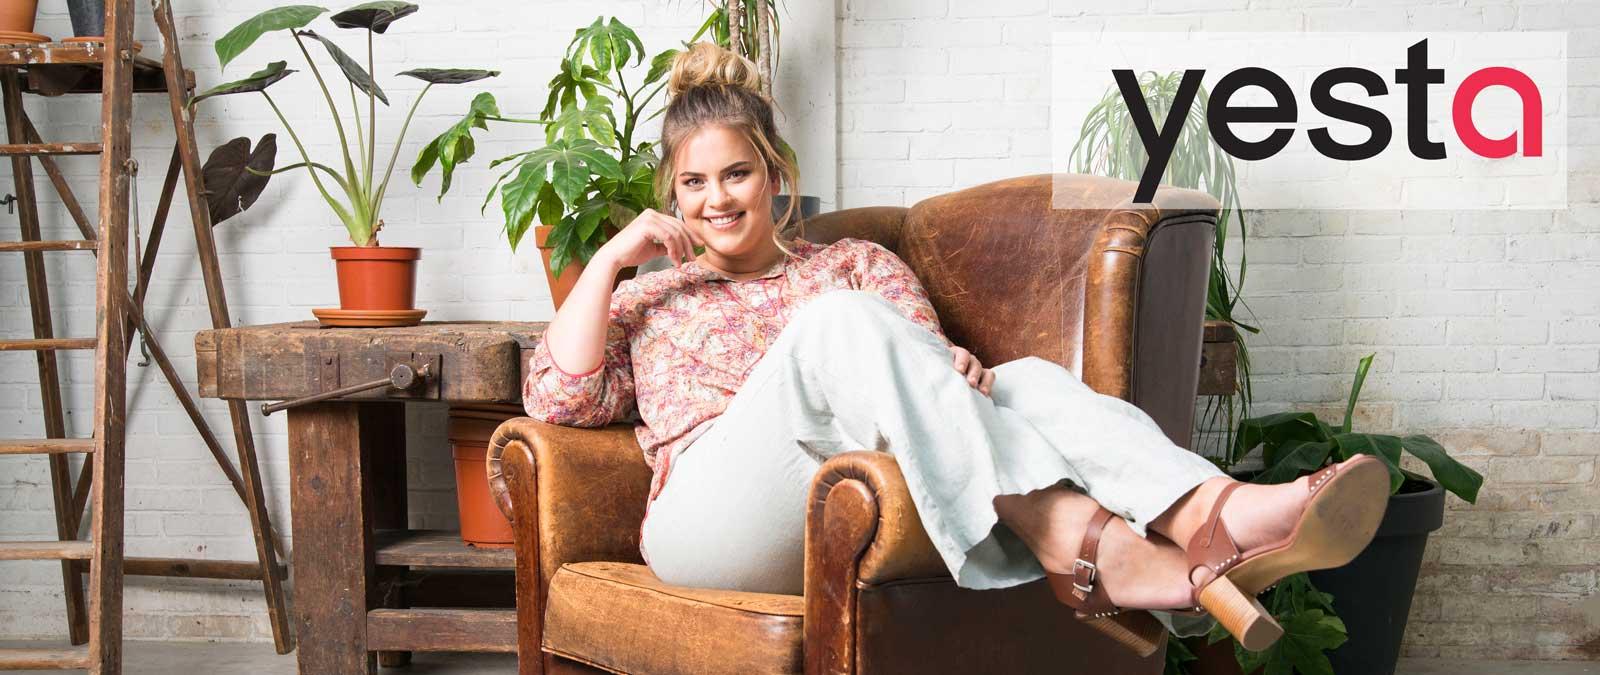 Yesta Mode Online Shop für Große Größen